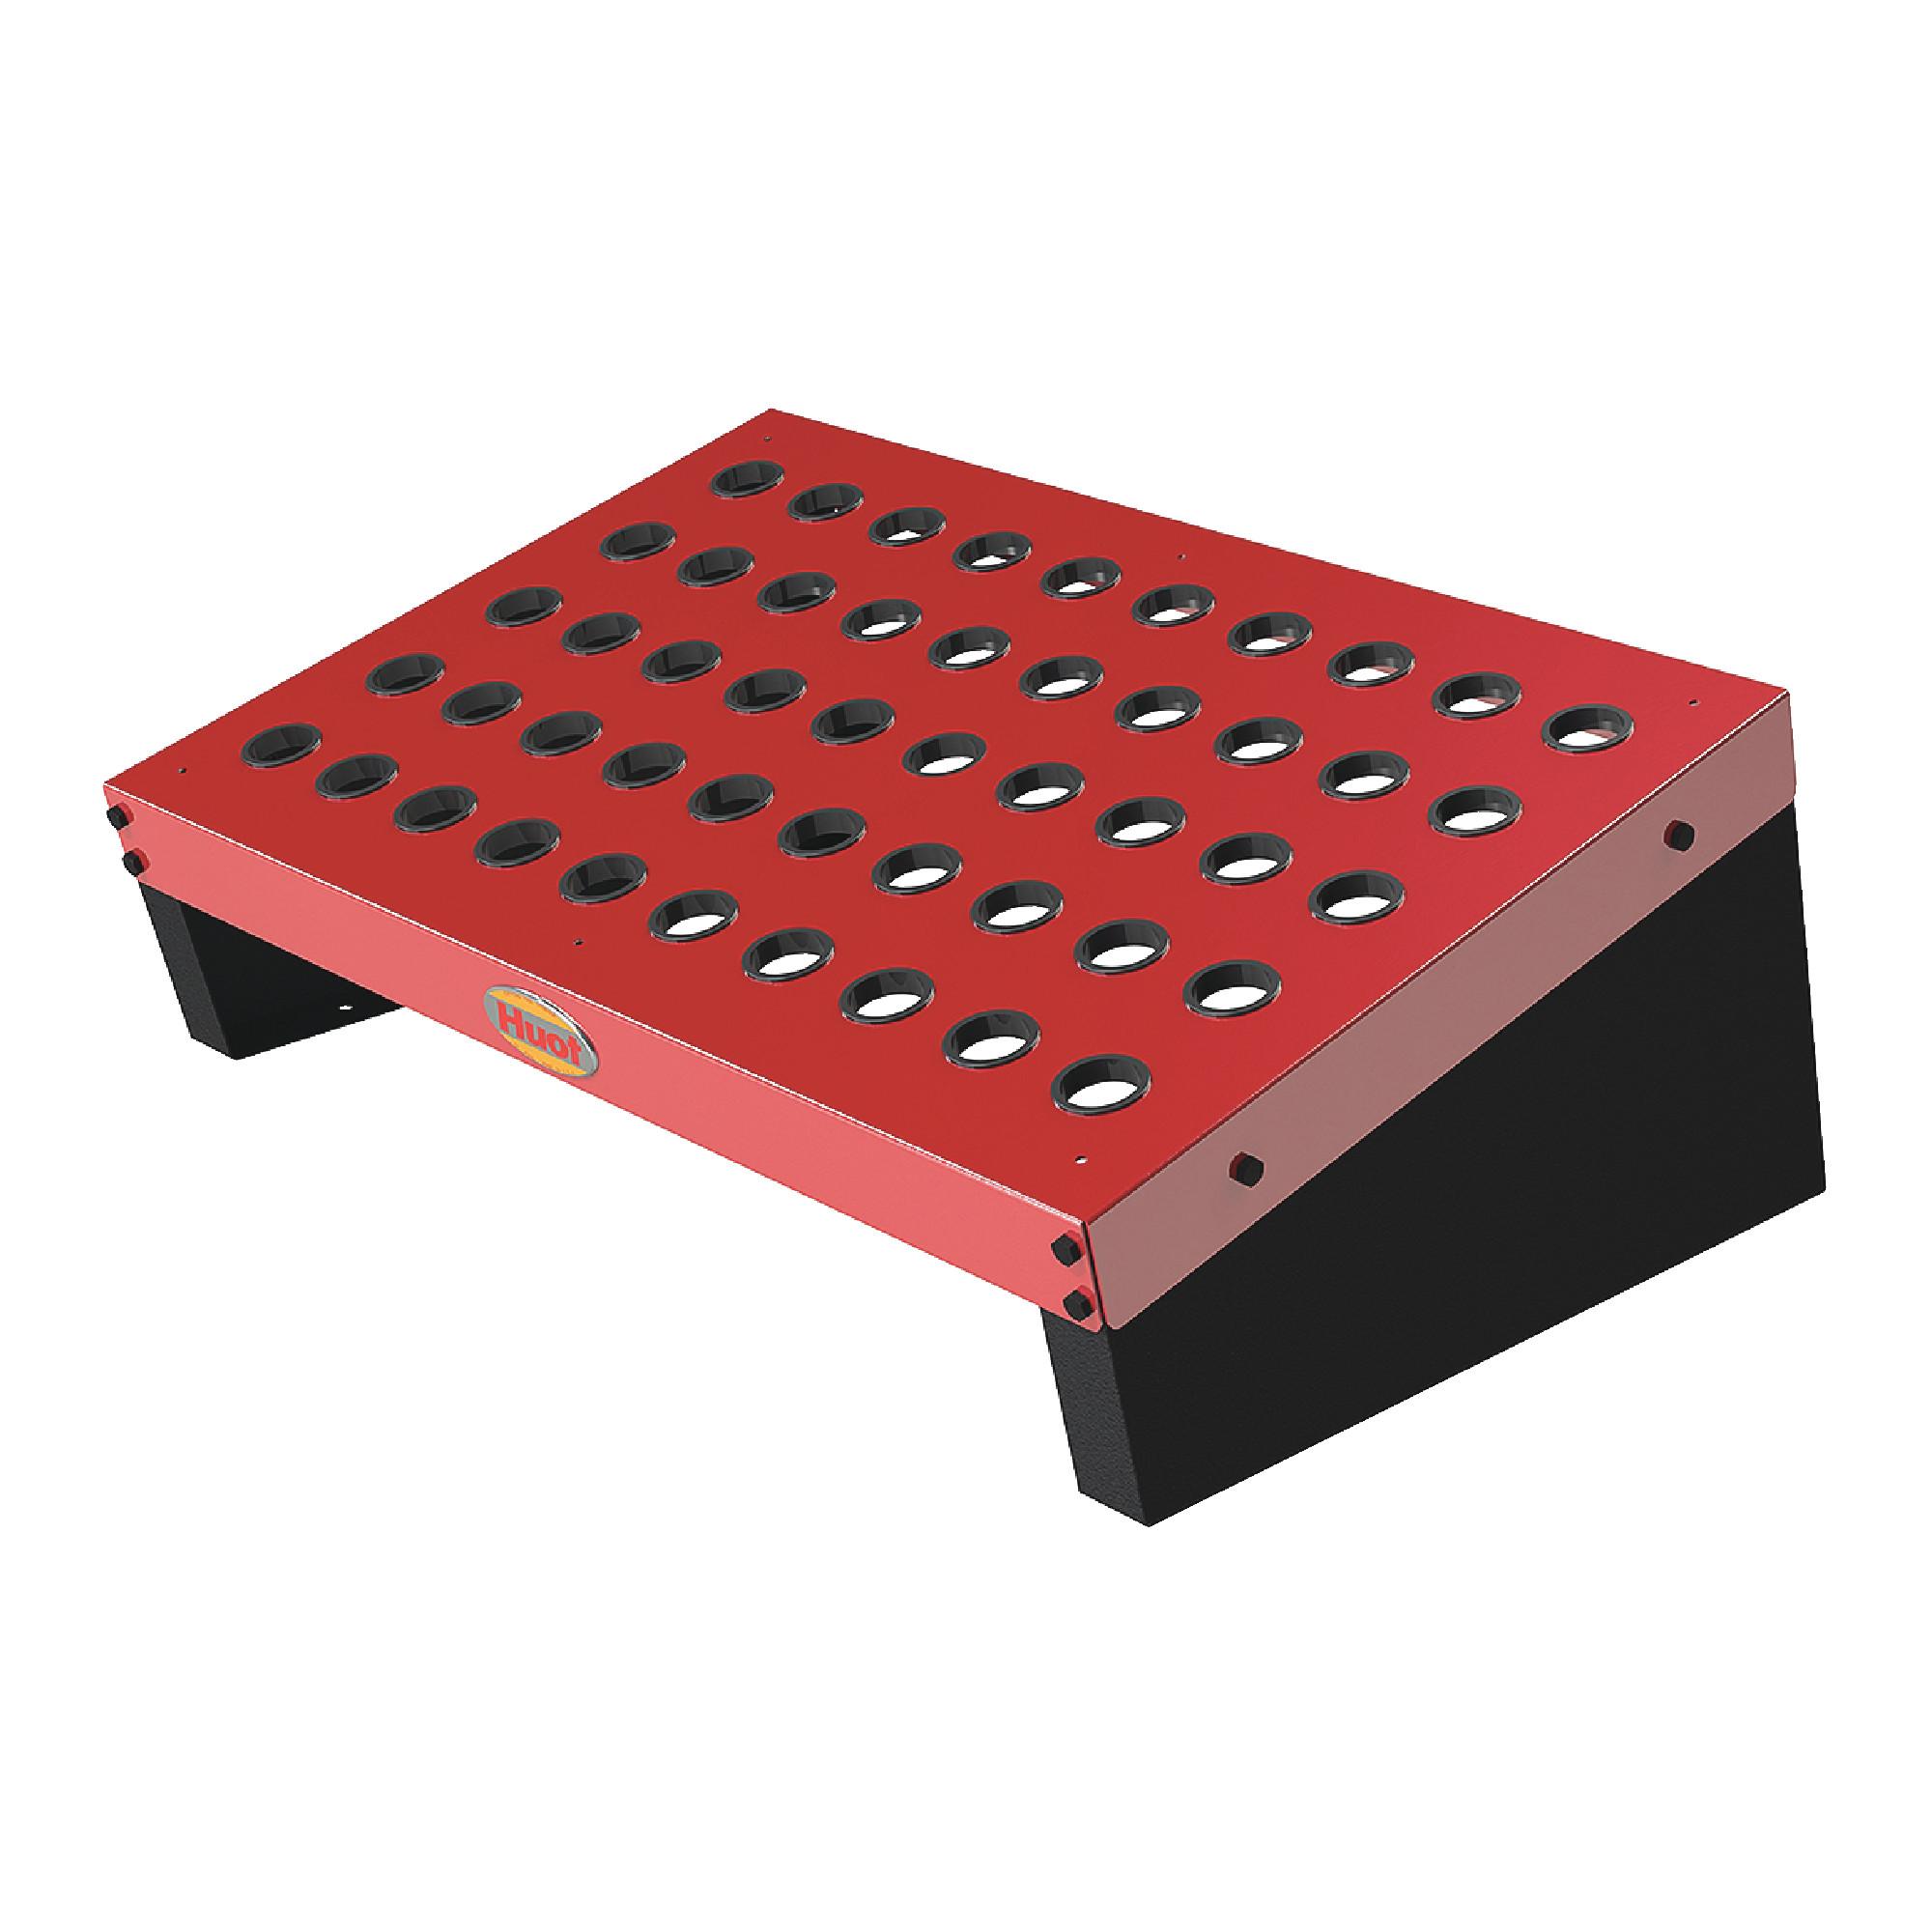 5C Collet Tool Platform